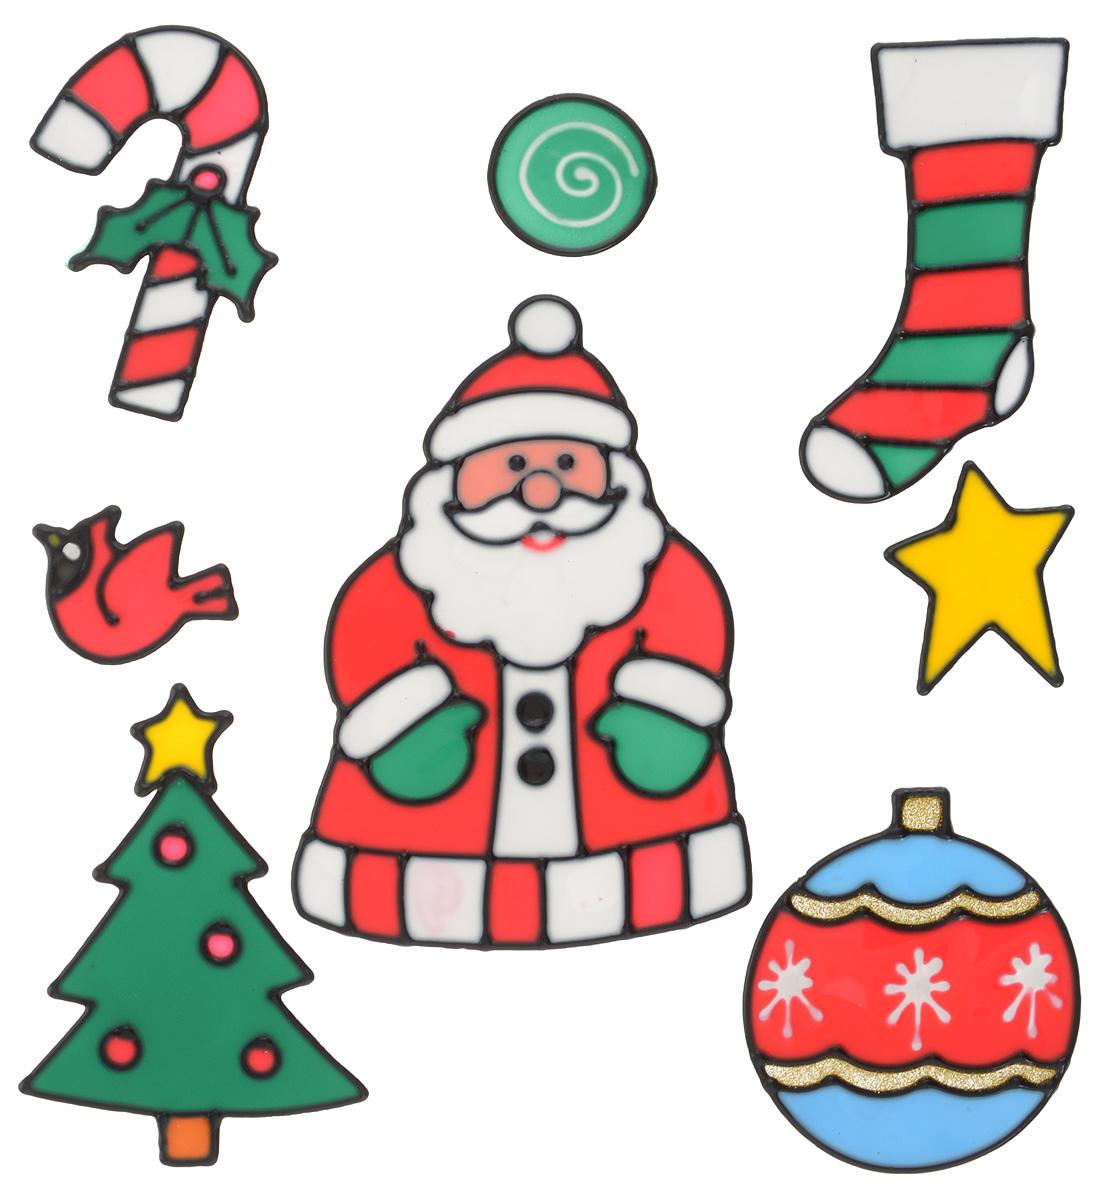 Новогоднее оконное украшение Winter Wings Новый год, 8 штN09202Набор Winter Wings Новый год состоит из восьми наклеек на окно, выполненных из геля.С помощью гелевых наклеек Winter Wings Новый год можно составлять на стекле целые зимние сюжеты, которые будут радовать глаз, и поднимать настроение в праздничные дни! Так же Вы можете преподнести этот сувенир в качестве мини-презента коллегам, близким и друзьям с пожеланиями счастливого Нового Года!Средний размер наклеек: 7 х 11,5 см.